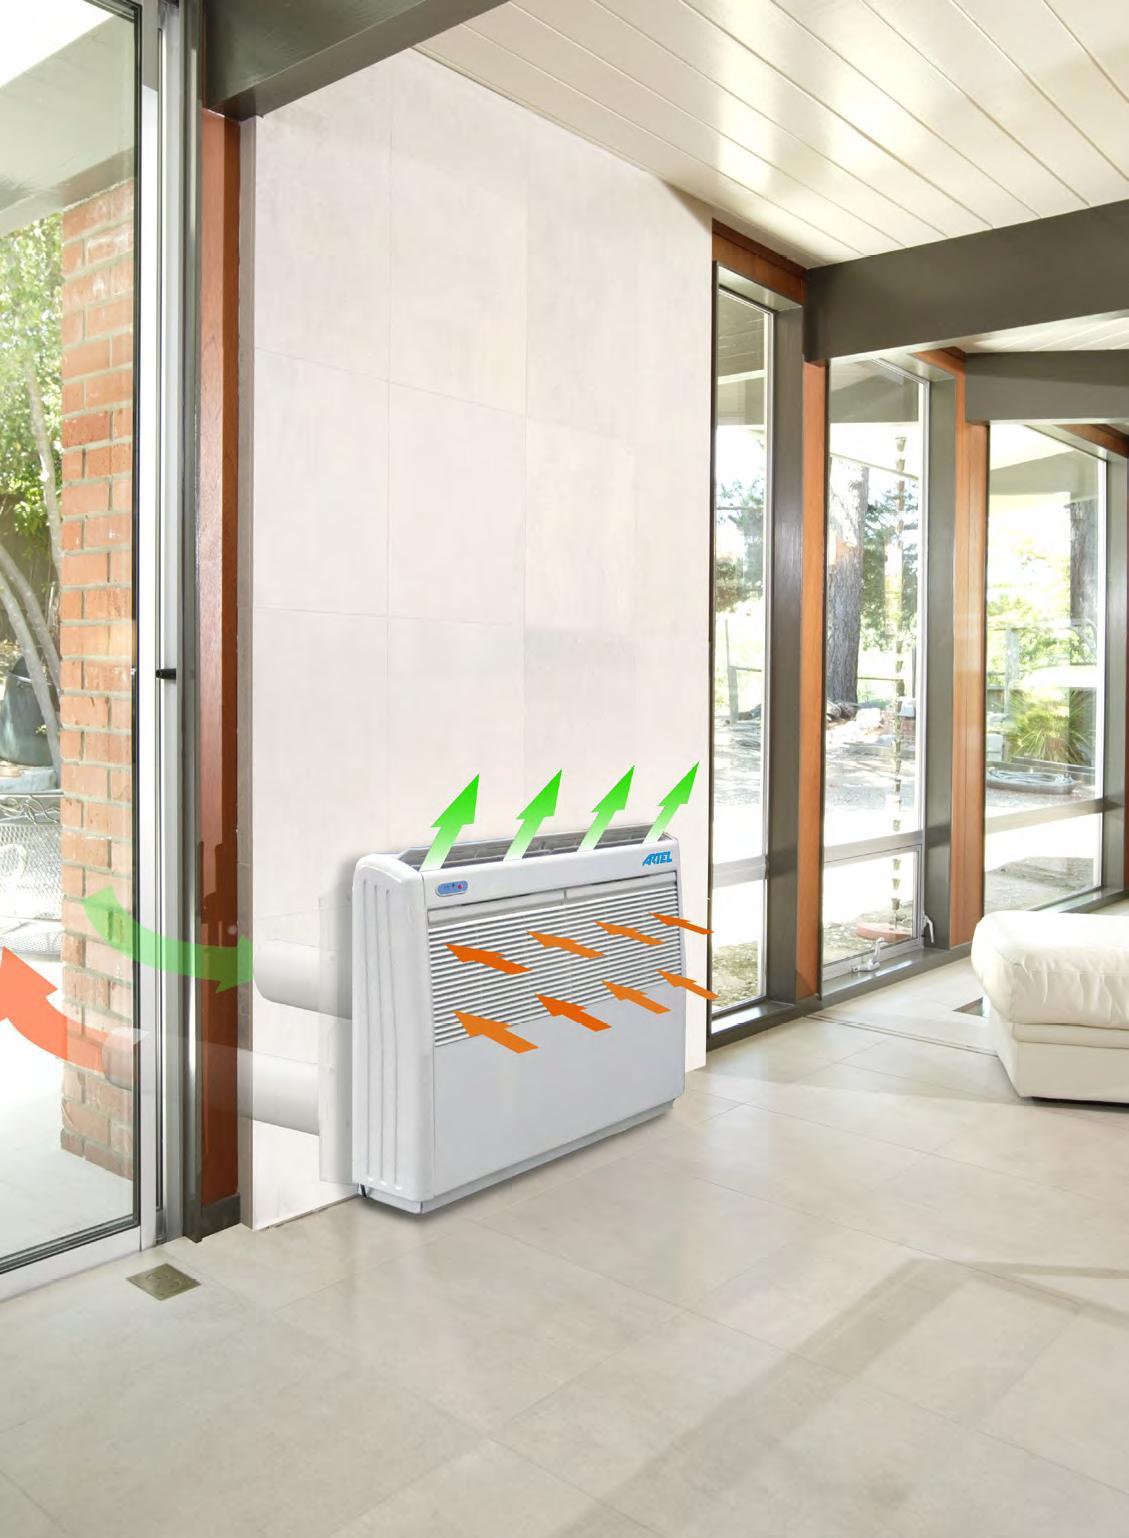 podparapetní klimatizace bez venkovní jednotky